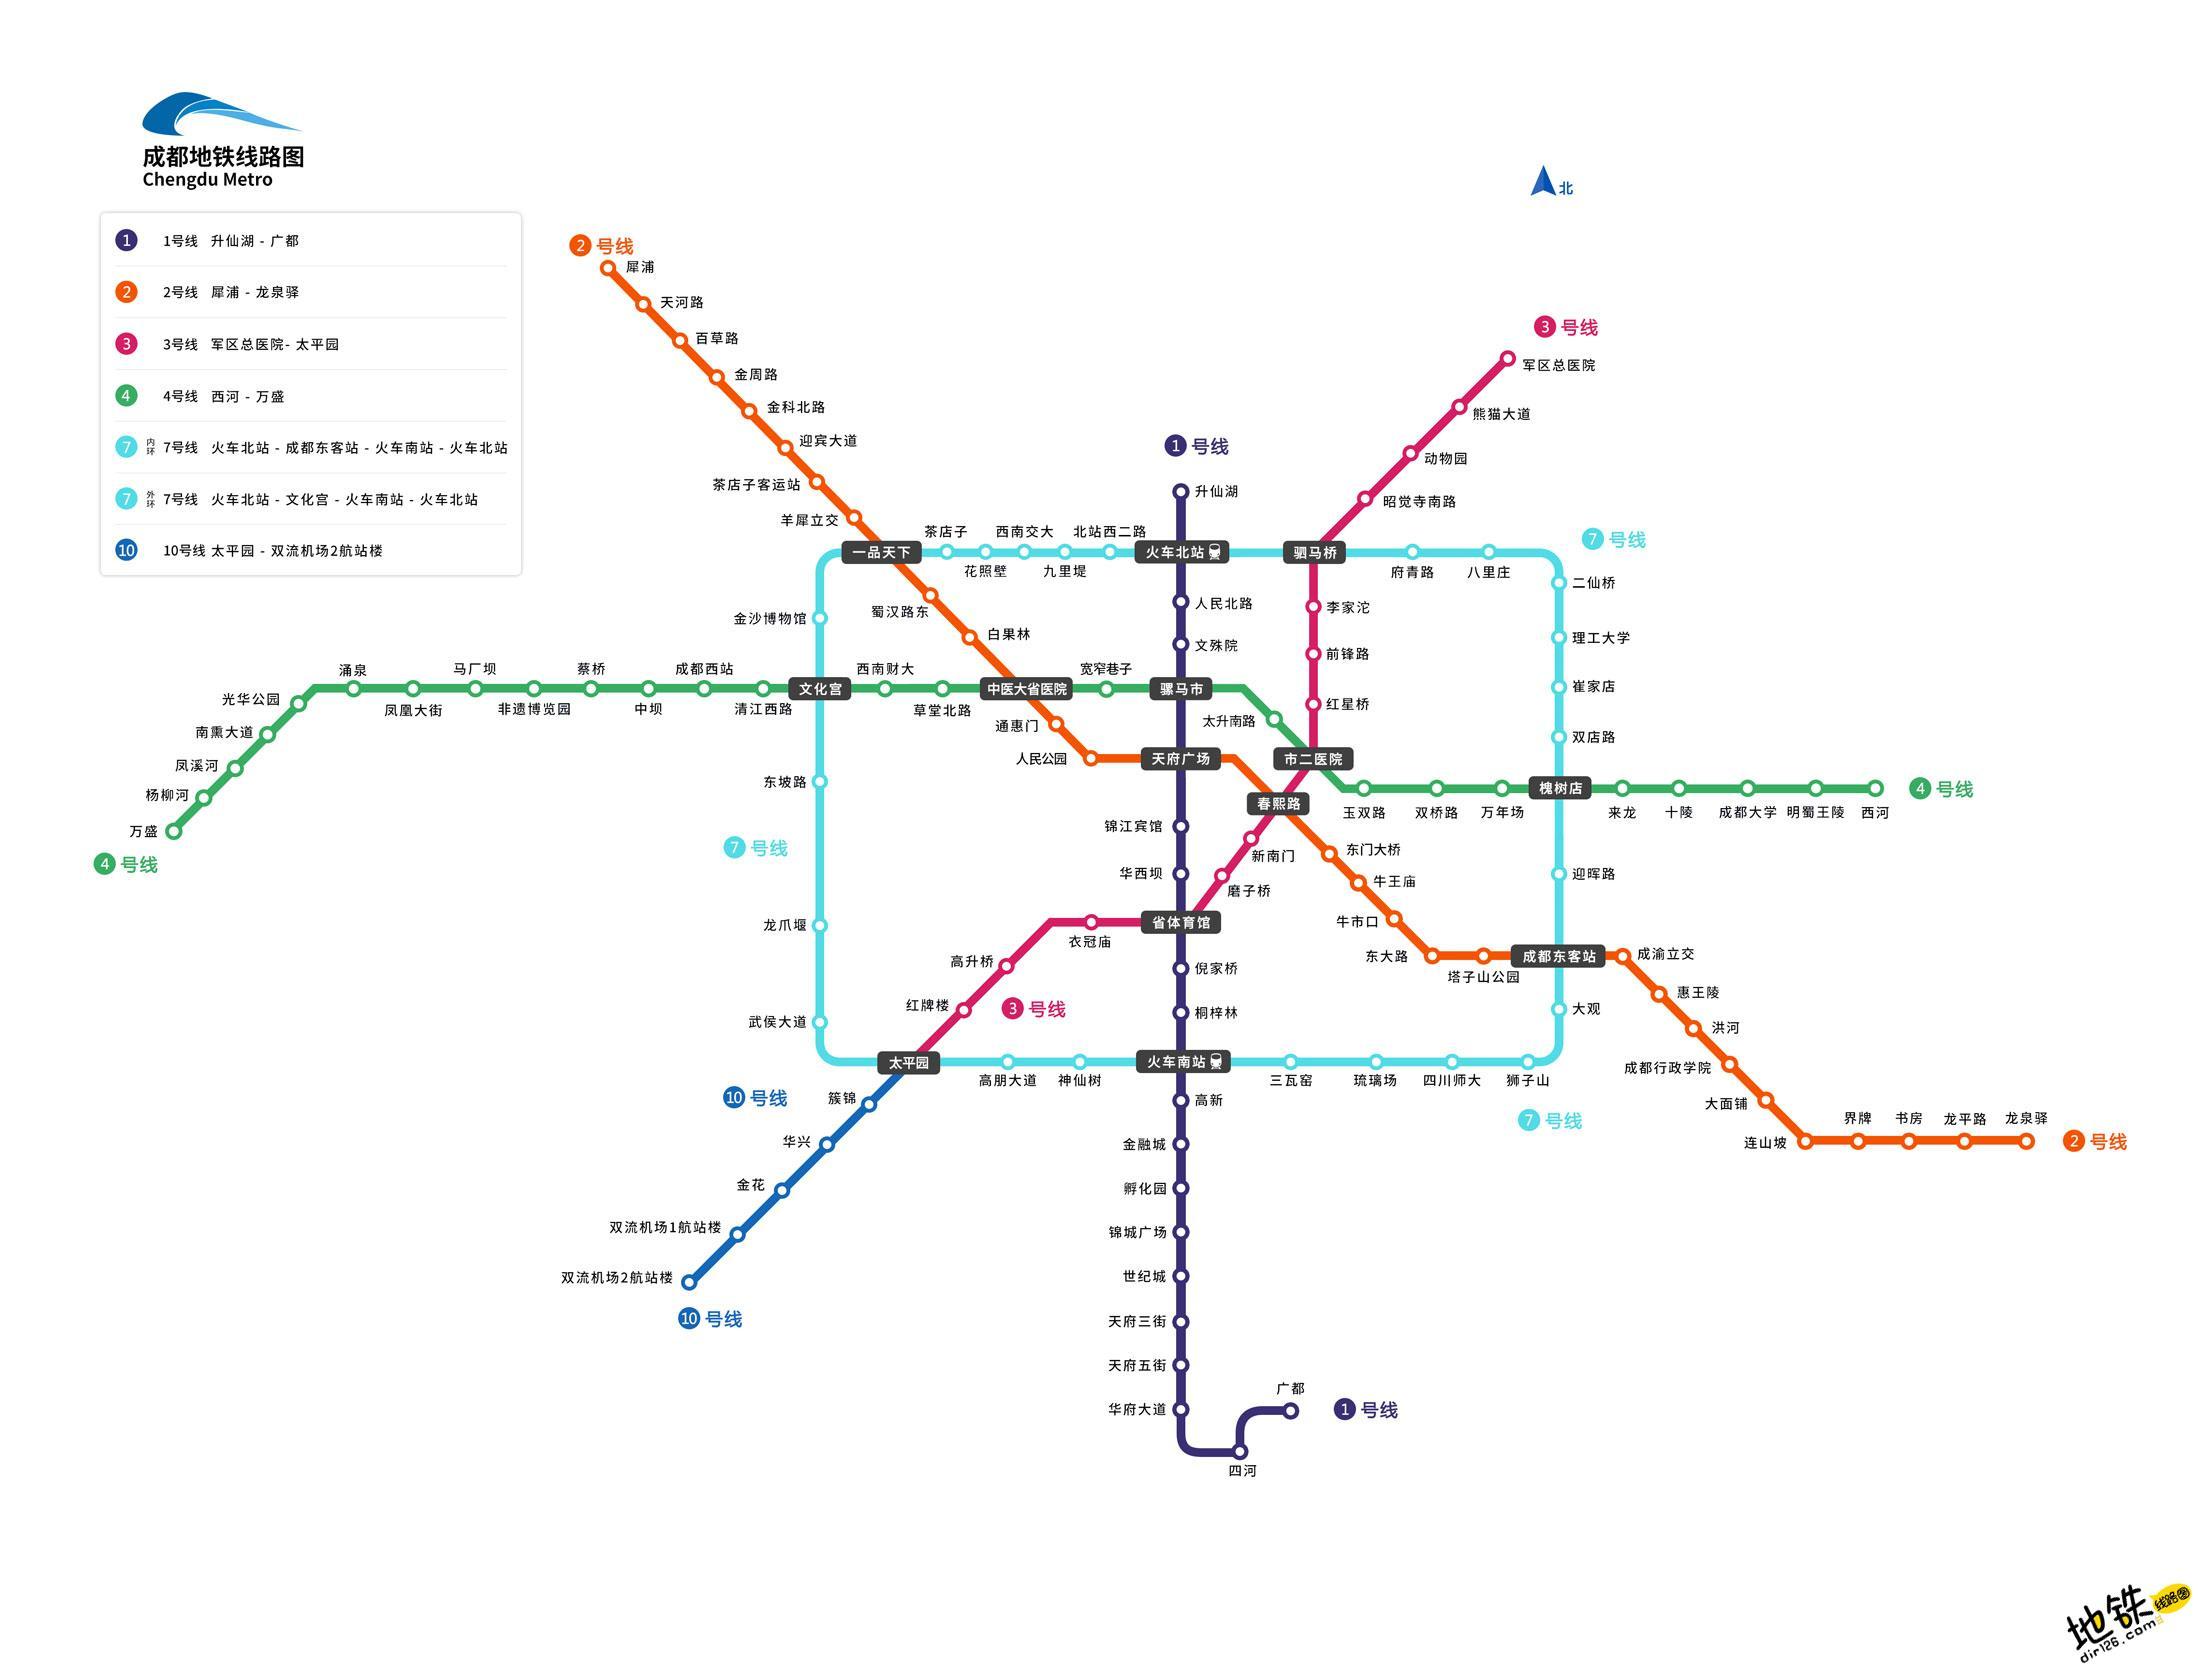 成都地铁线路图_运营时间票价站点_查询下载 成都地铁线路图 第1张